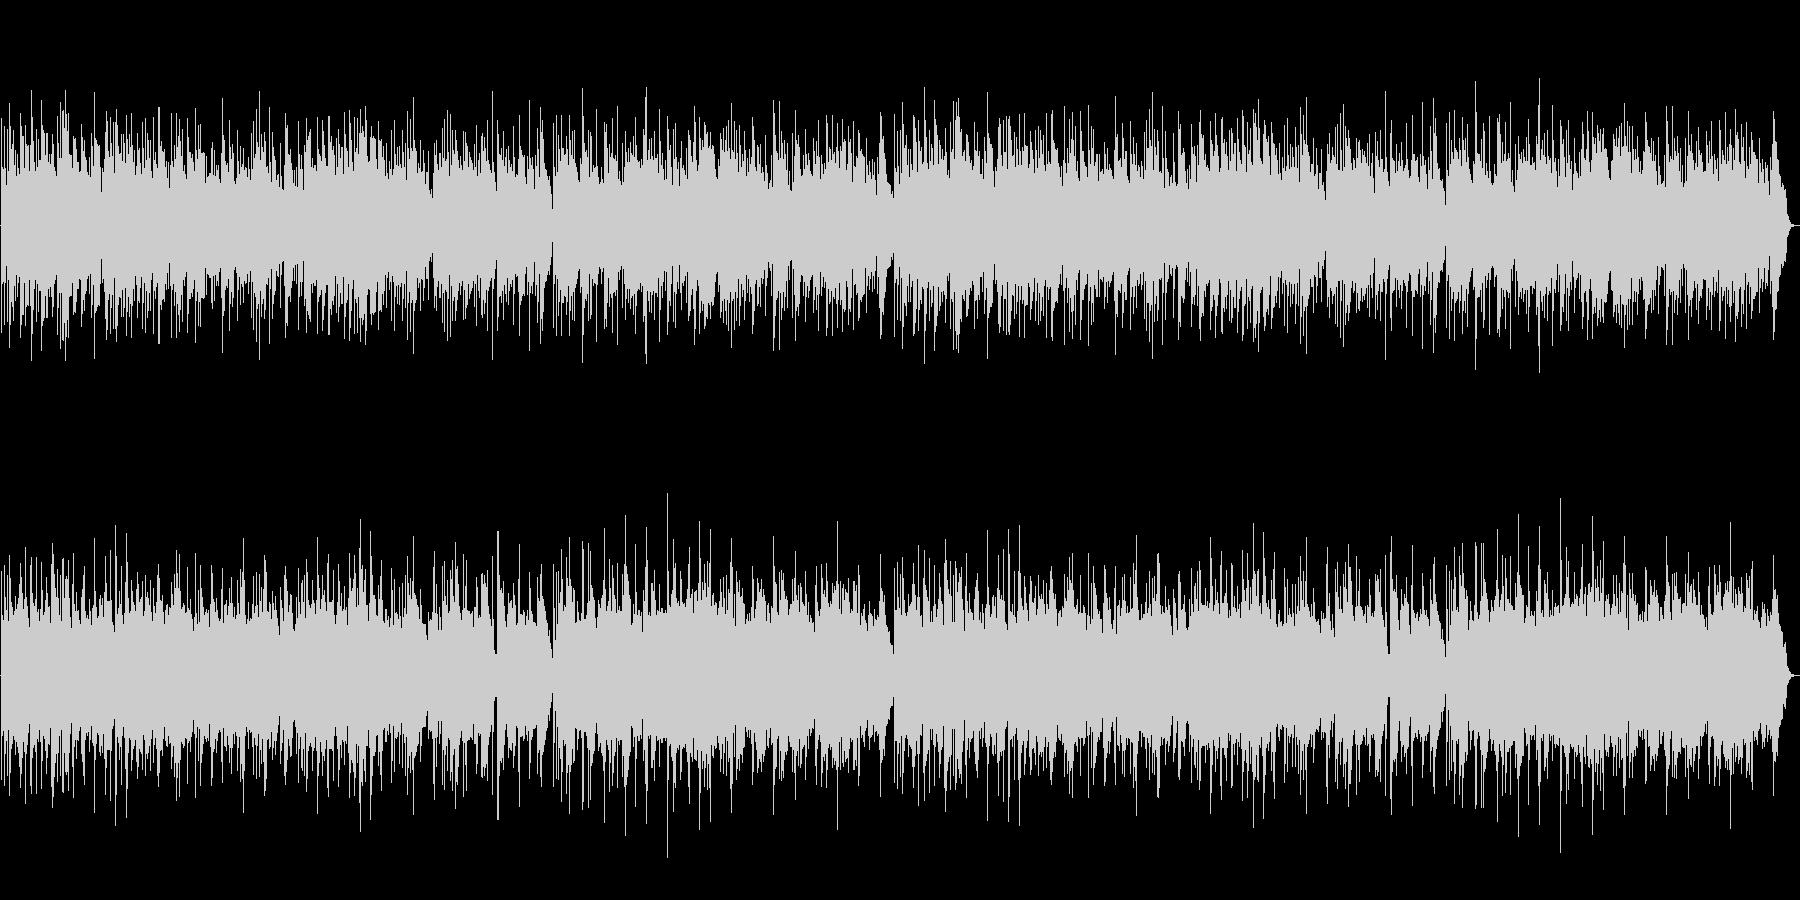 【オルゴール】スタッフロールエンドロールの未再生の波形